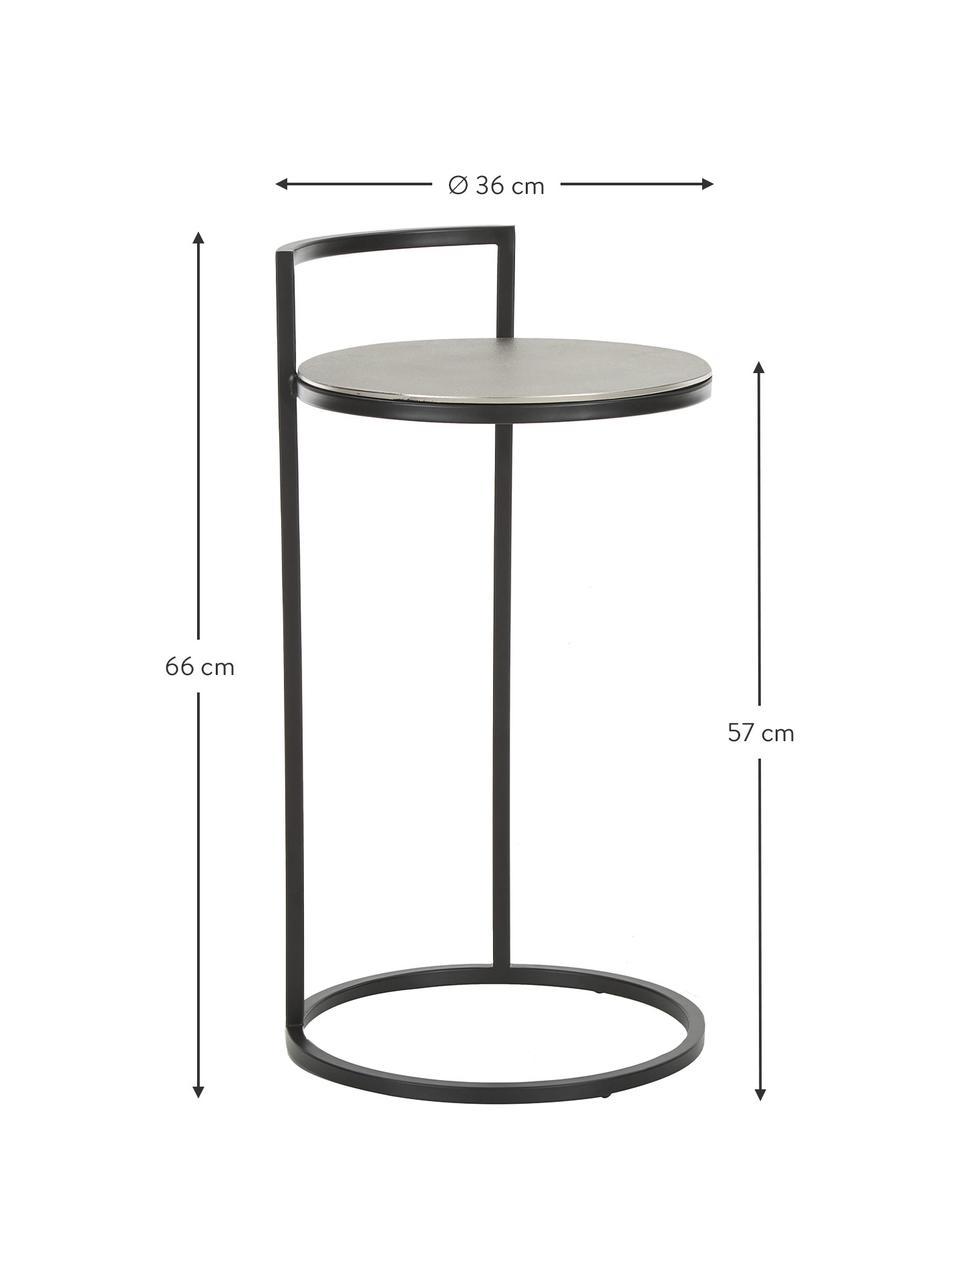 Ronde bijzettafel Circle van metaal, Tafelblad: gecoat metaal, Frame: gelakt metaal, Zilverkleurig, zwart, Ø 35 x H 66 cm